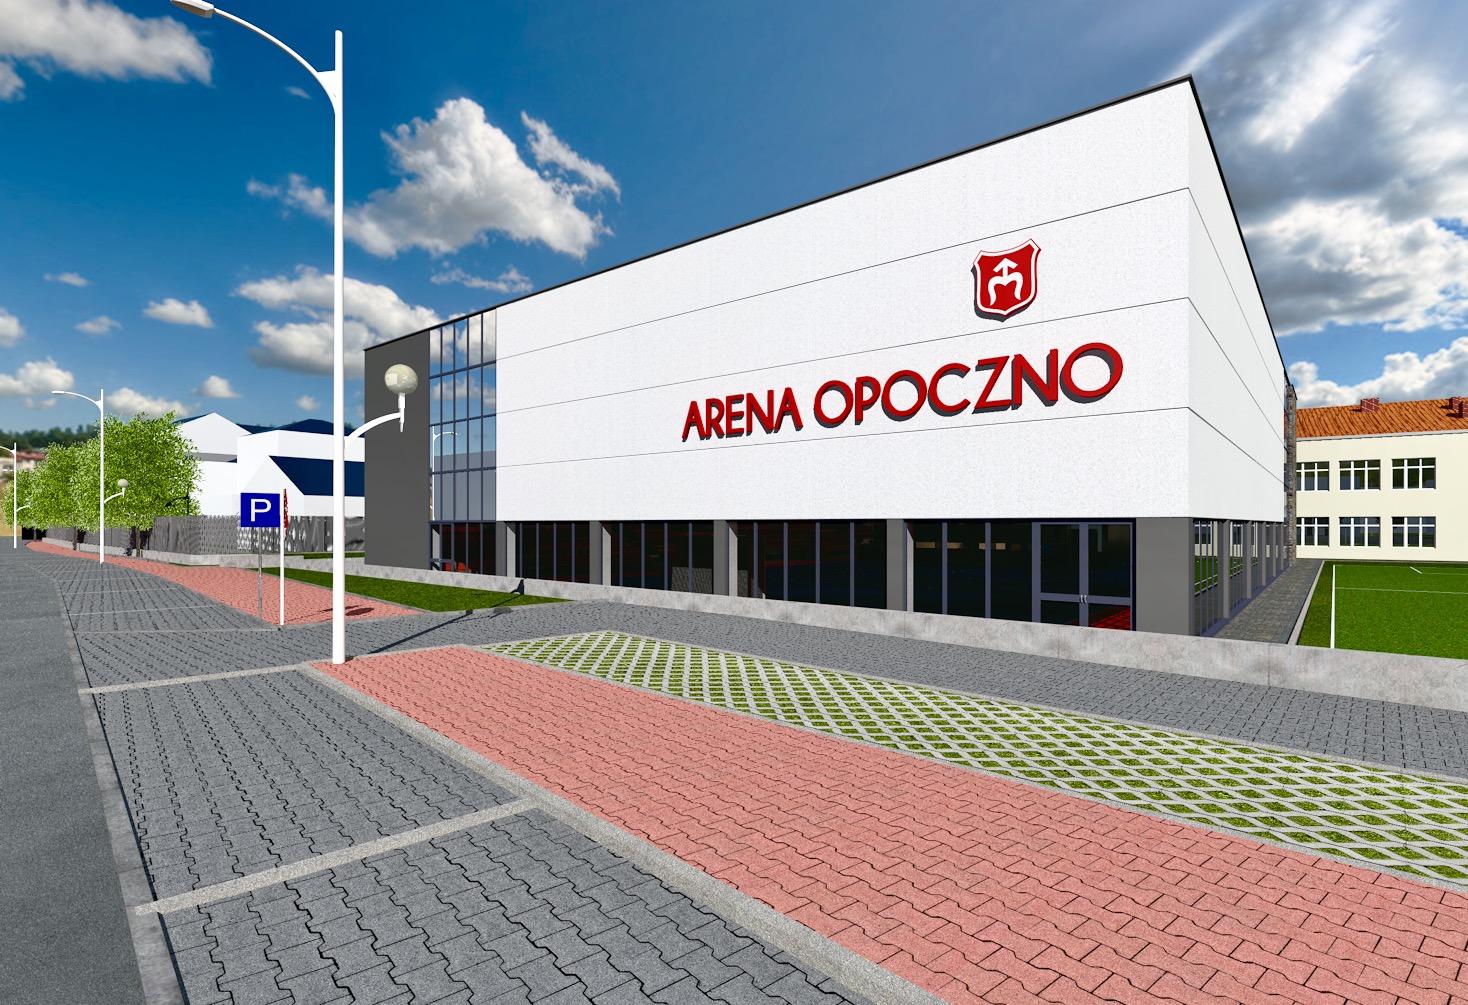 Alena Opoczno - Hala sportowa